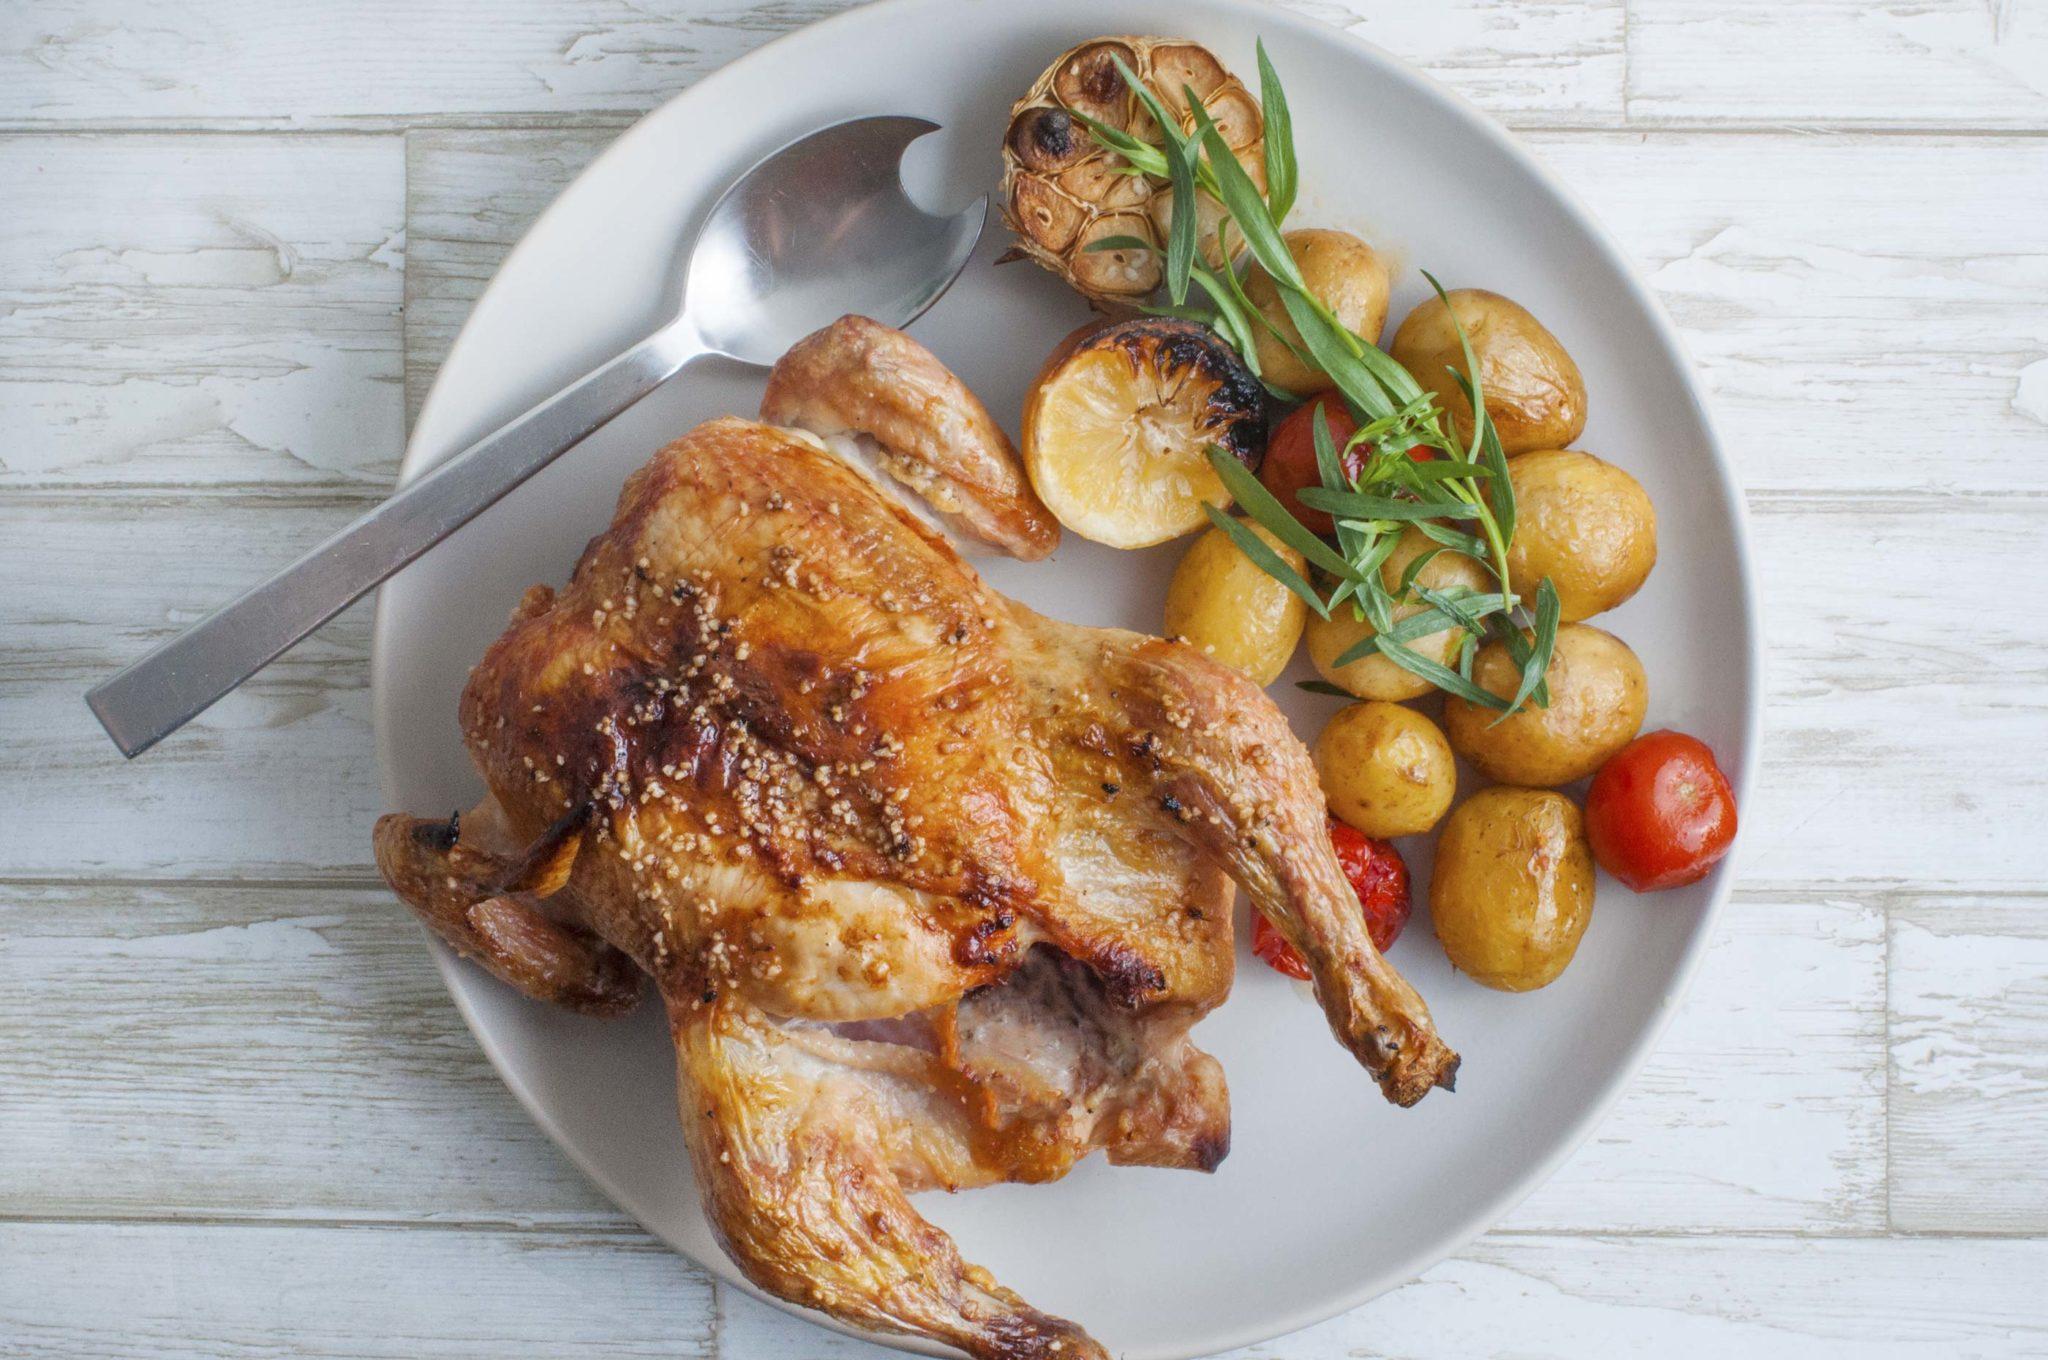 aftensmad med kylling